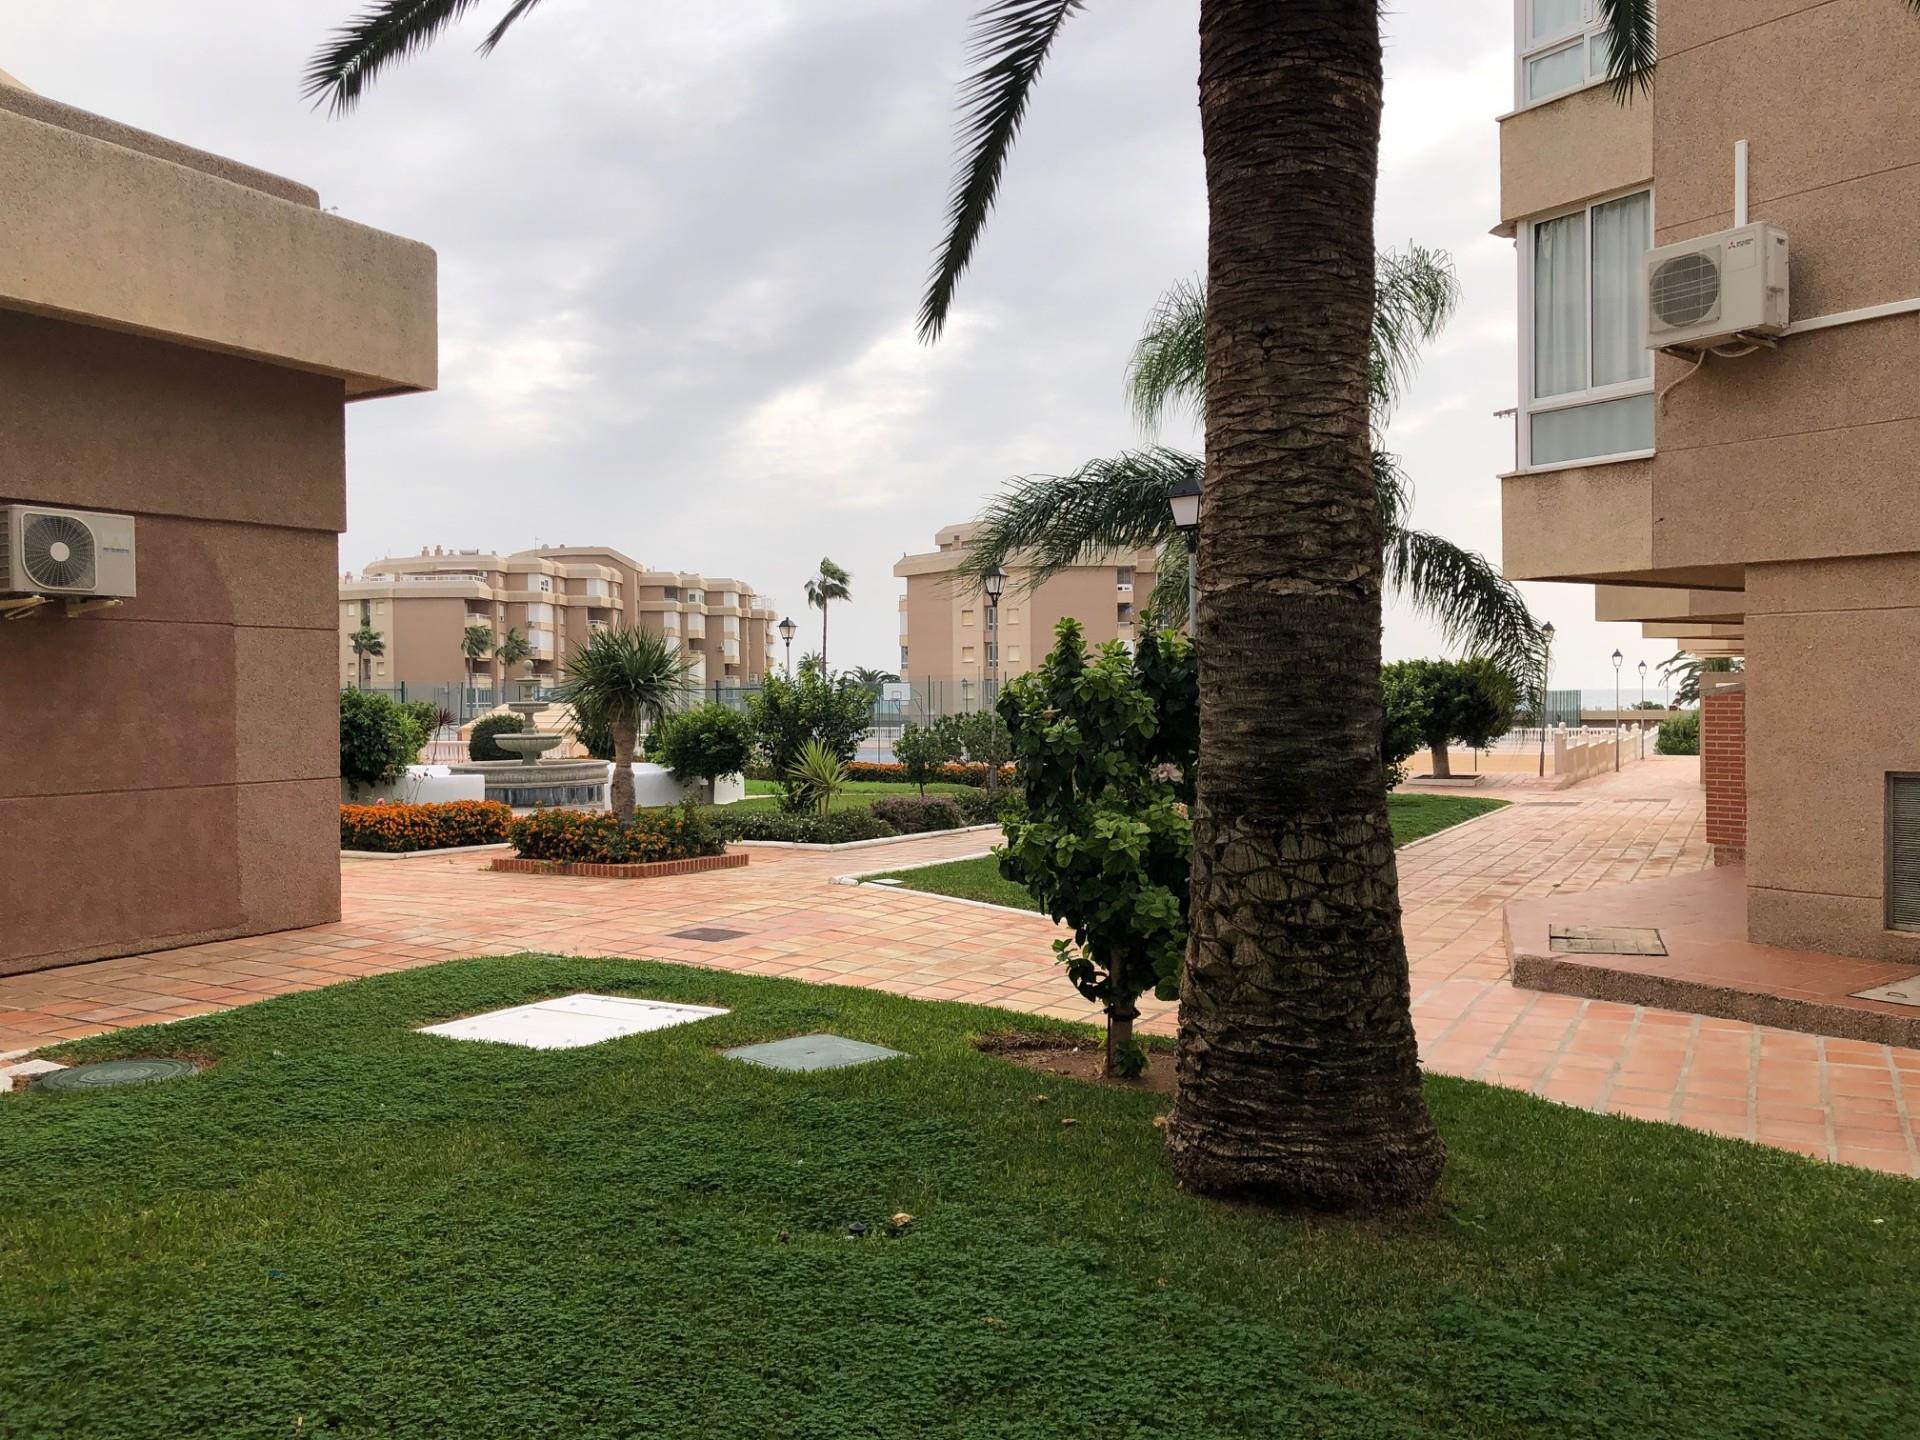 Local de alquiler en Residencial Costa de Oro Centro Internacional (Torrox, Málaga)